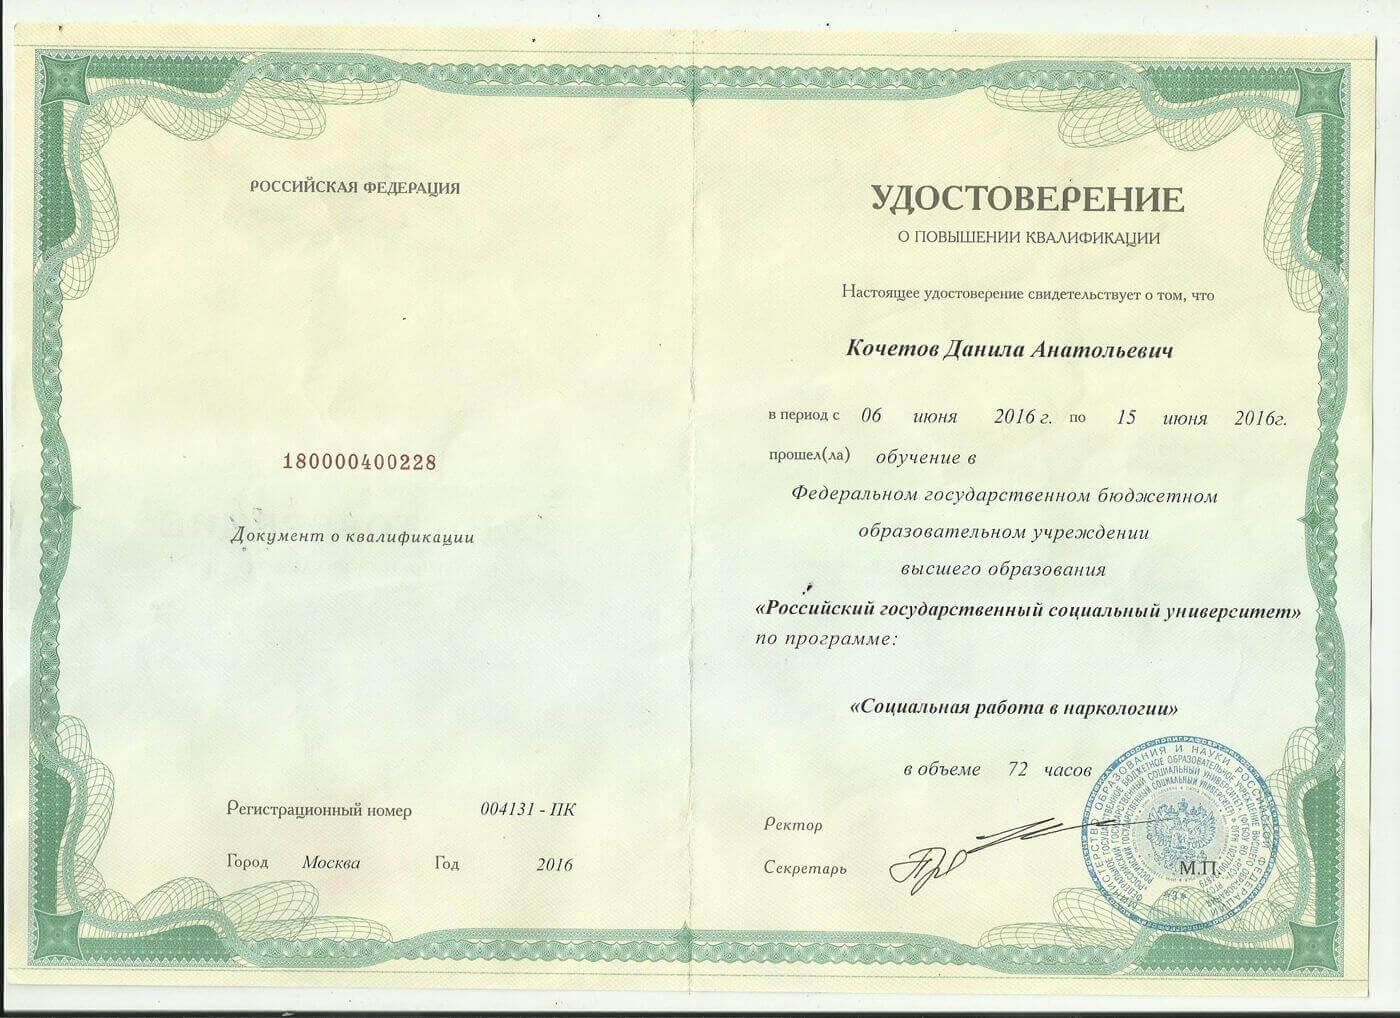 Удостоверение Кочетова Д. А. - социальная работа в наркологии